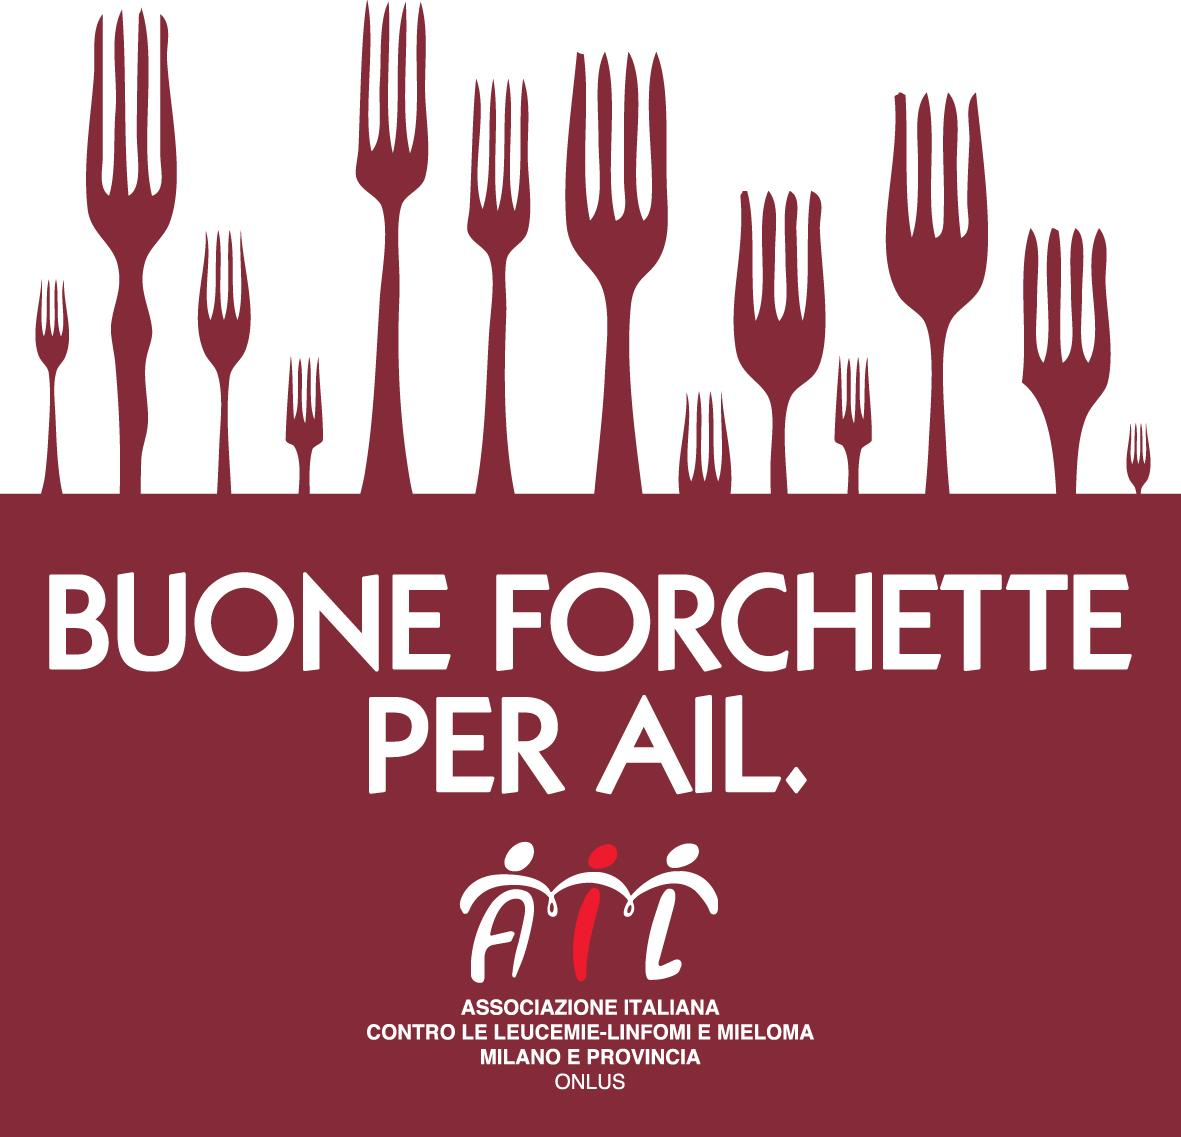 Buone forchette per AIL